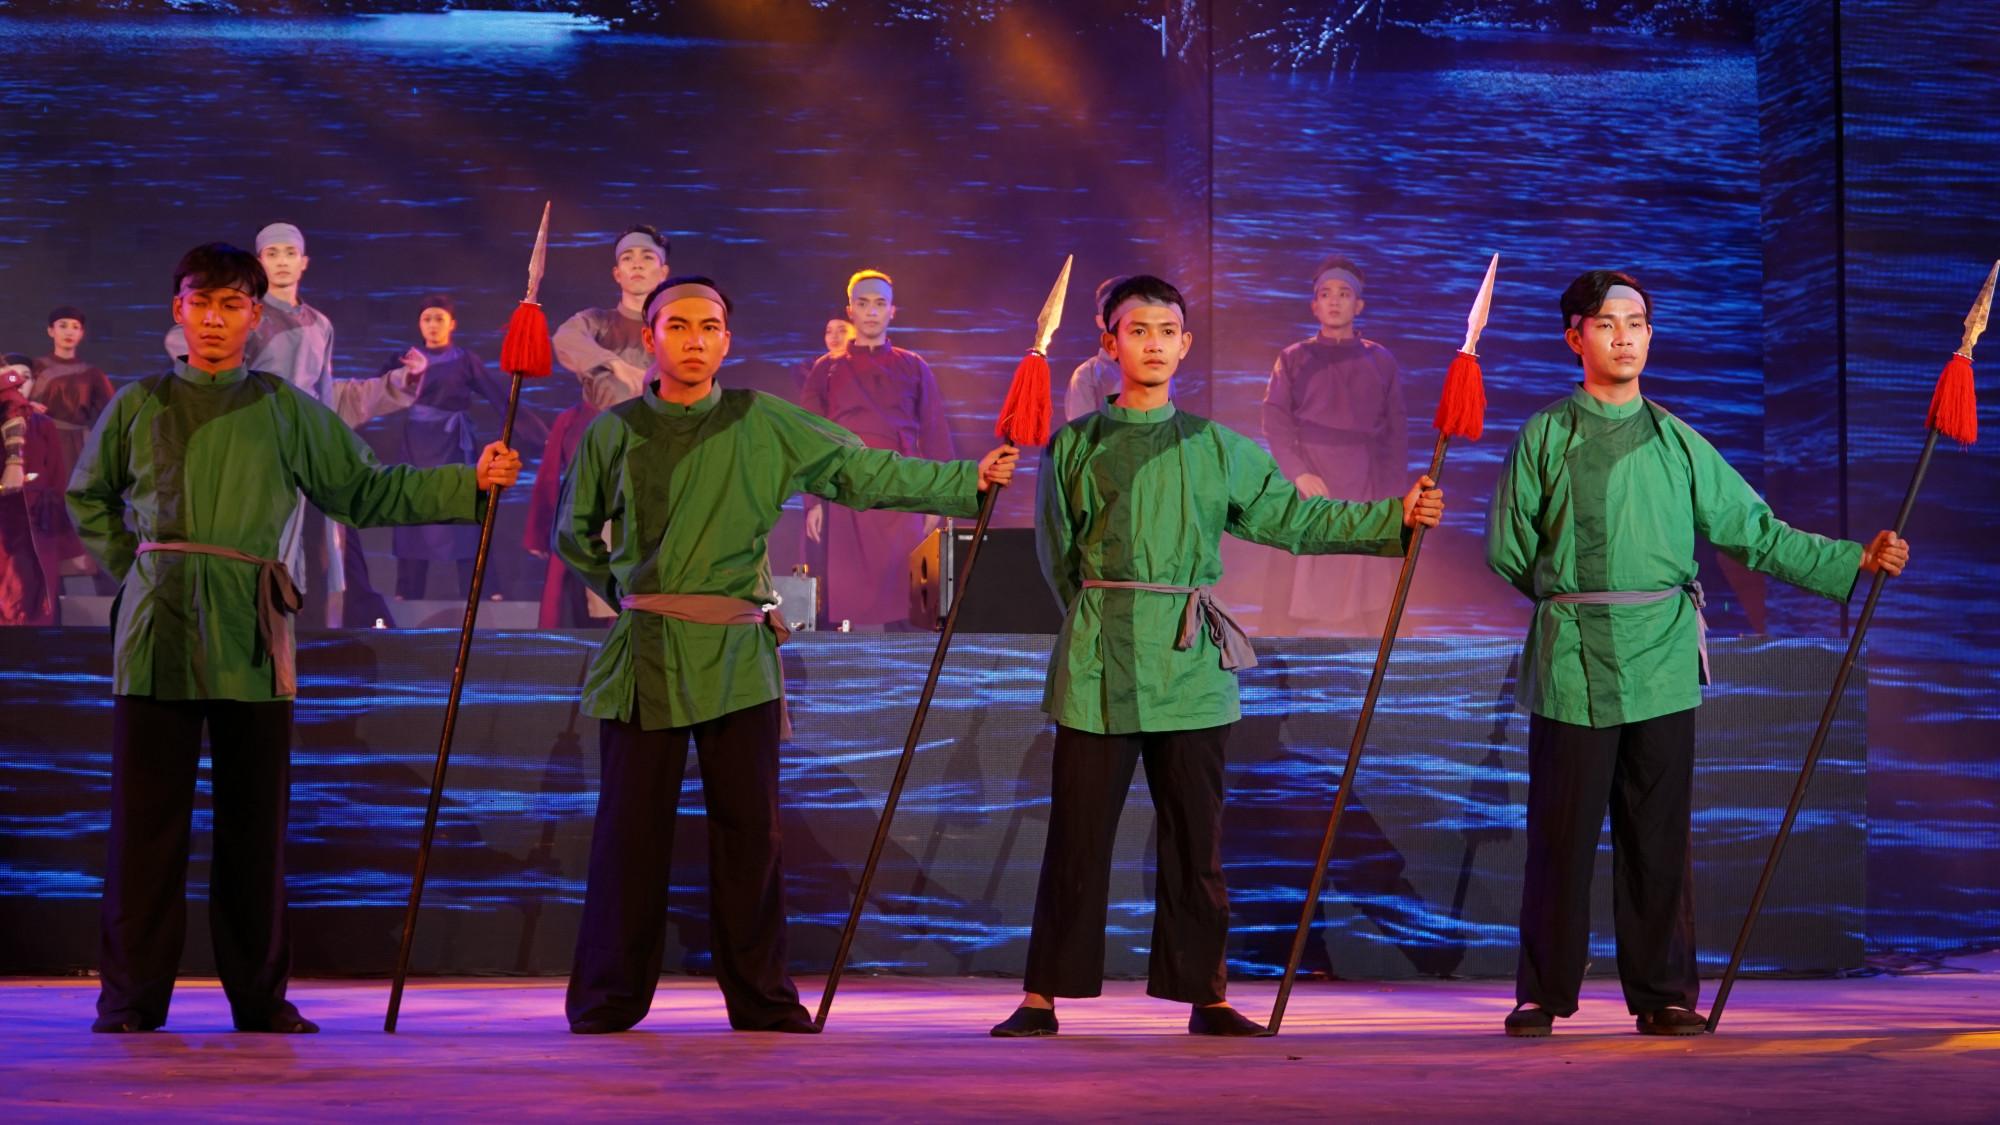 Lực lượng nghĩa quân của Nguyễn Huệ